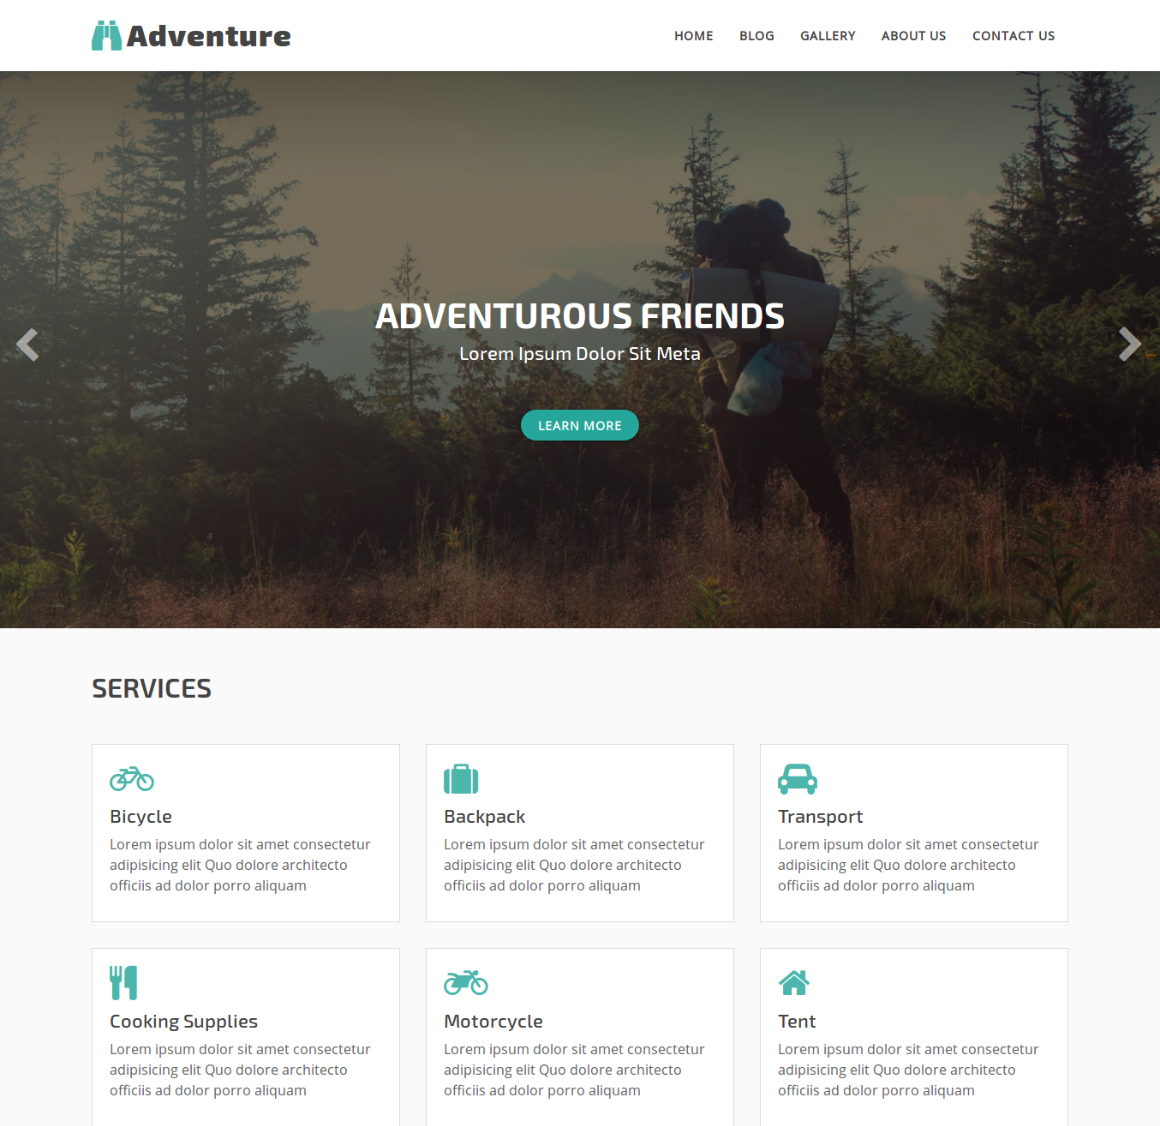 35 Premium HTML Landing Templates - $12 - adventure